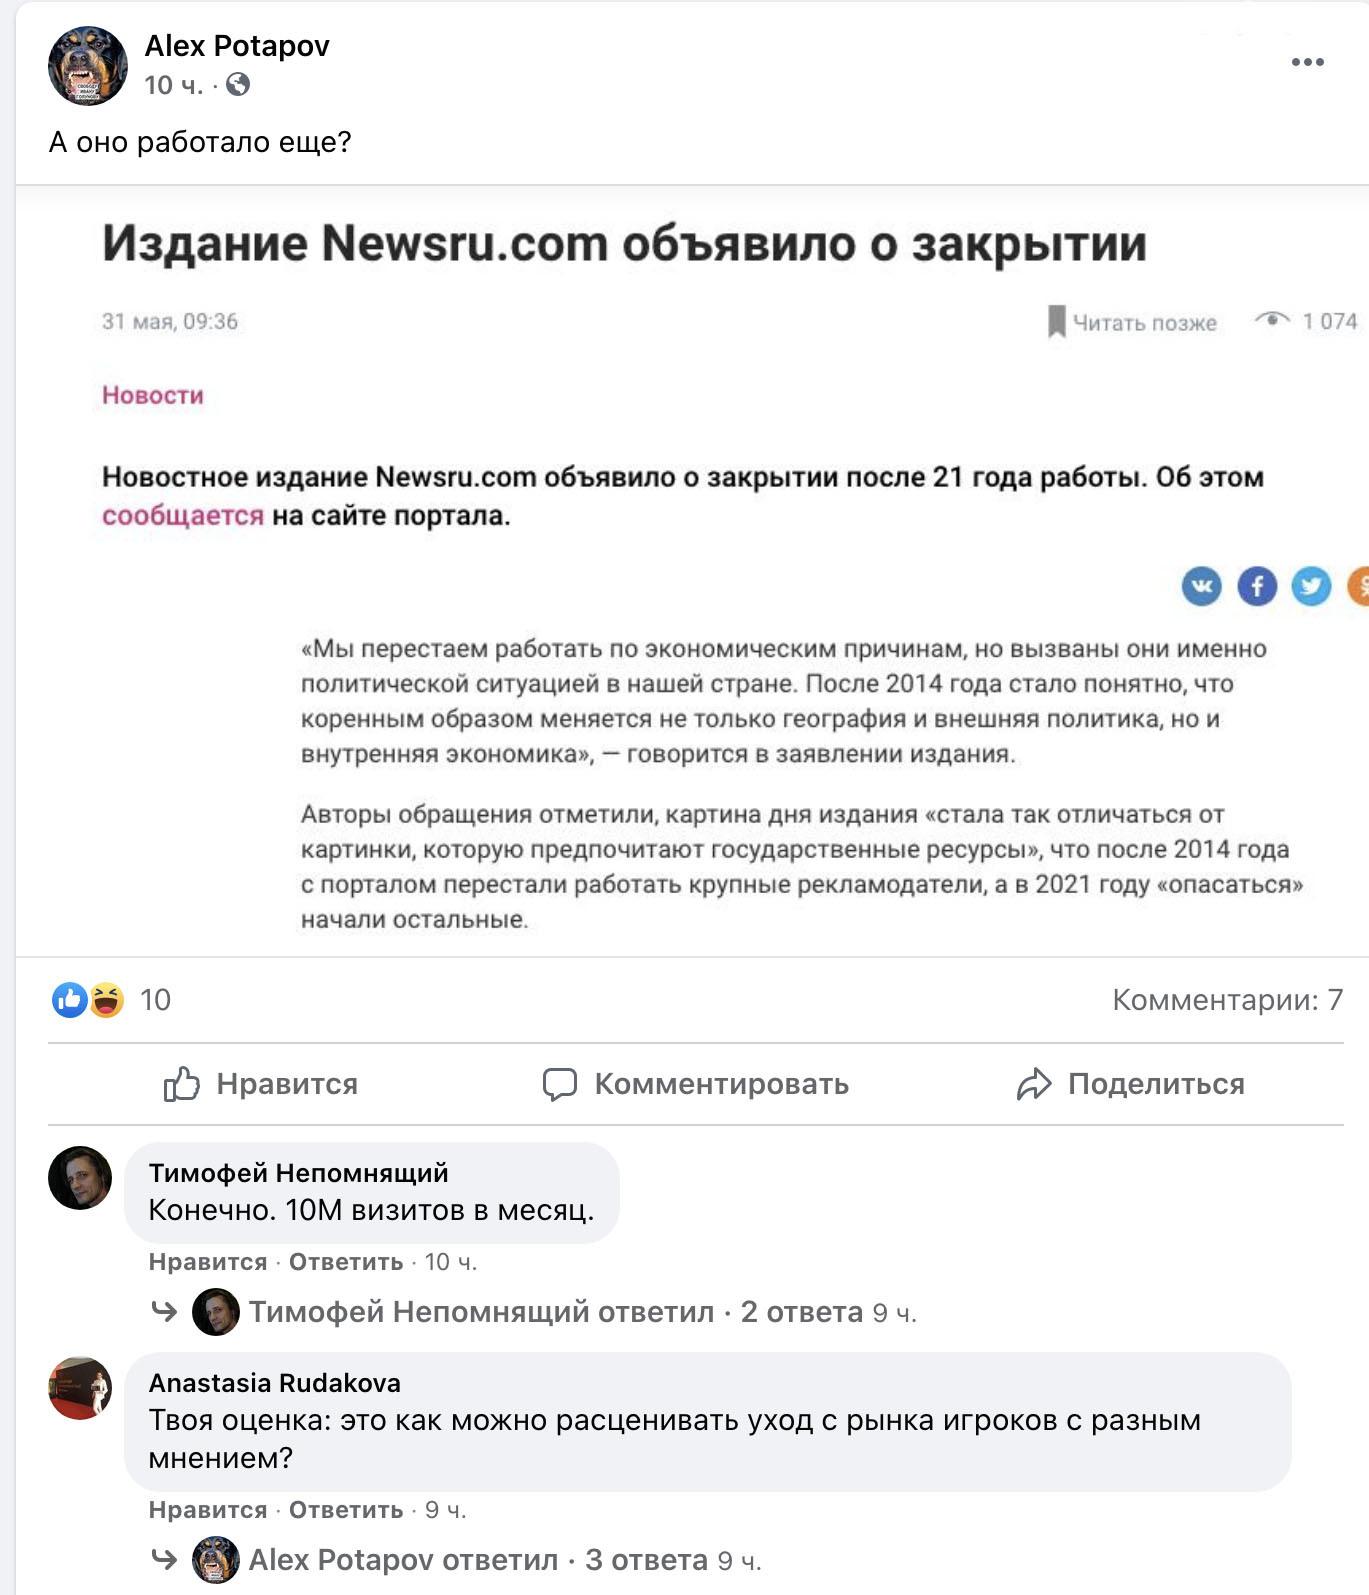 «Читателей мало, затраты большие»: почему закрылся портал Newsru.com1